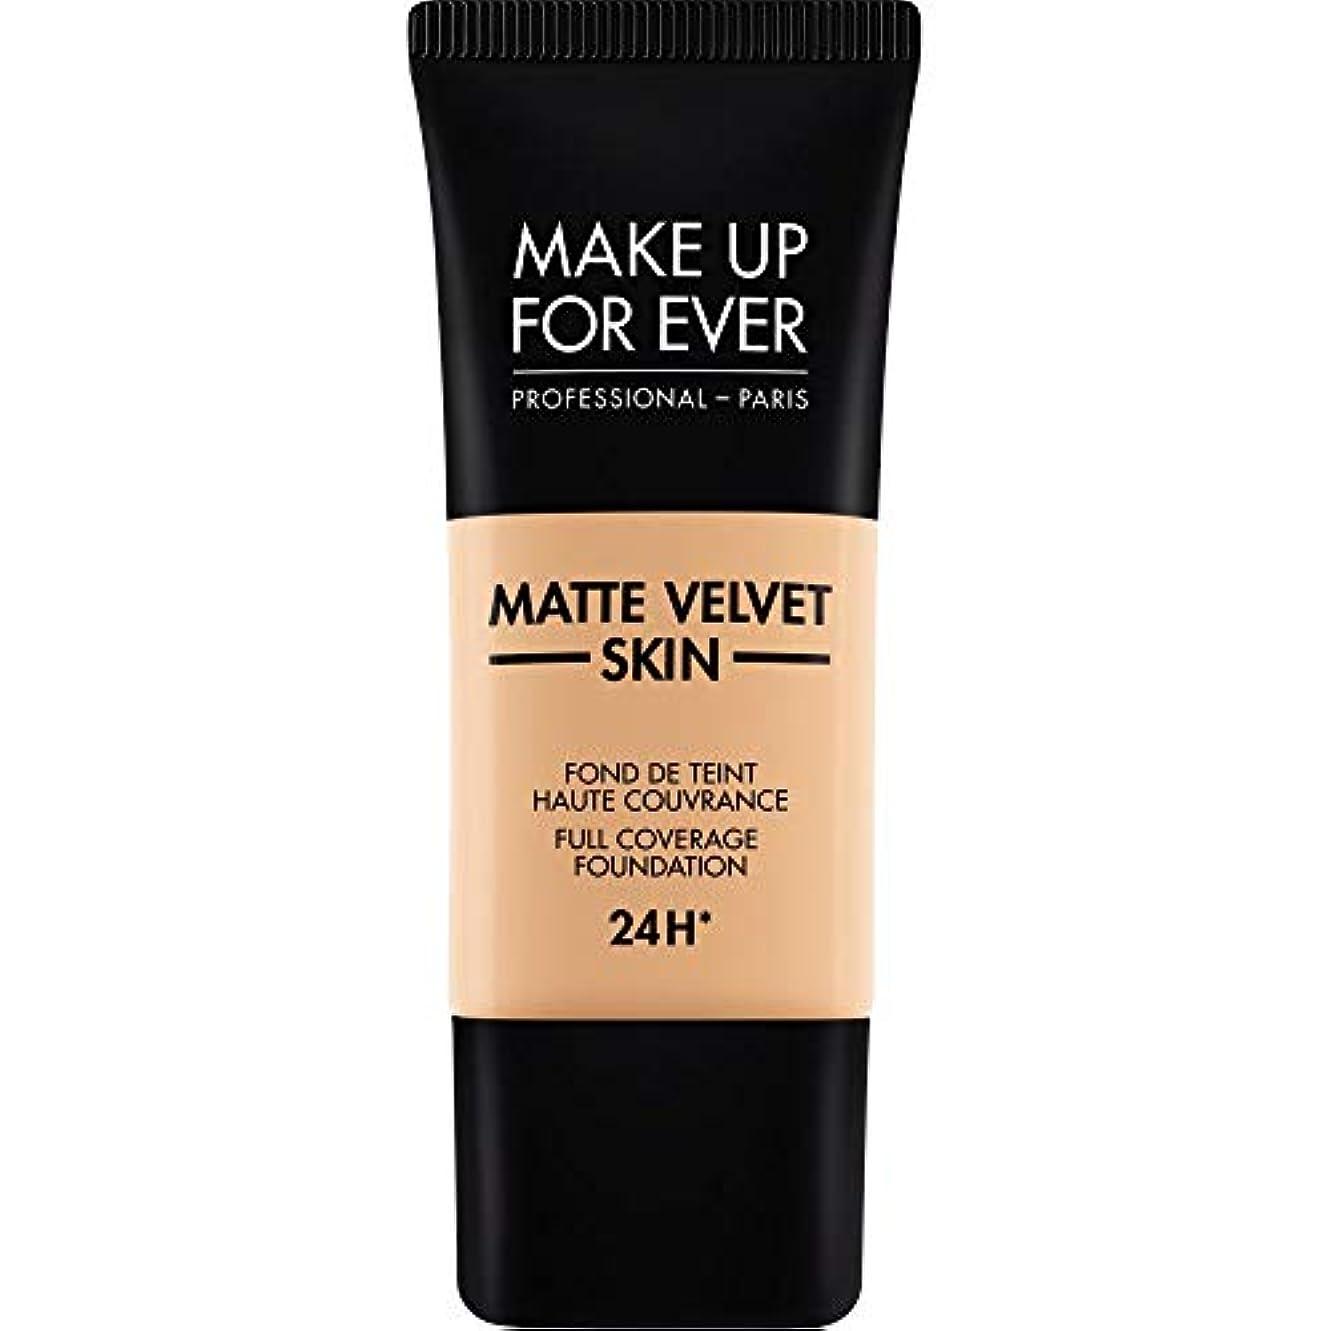 贅沢なヘア最適[MAKE UP FOR EVER] ソフトベージュ - これまでマットベルベットの皮膚のフルカバレッジ基礎30ミリリットルのY305を補います - MAKE UP FOR EVER Matte Velvet Skin...